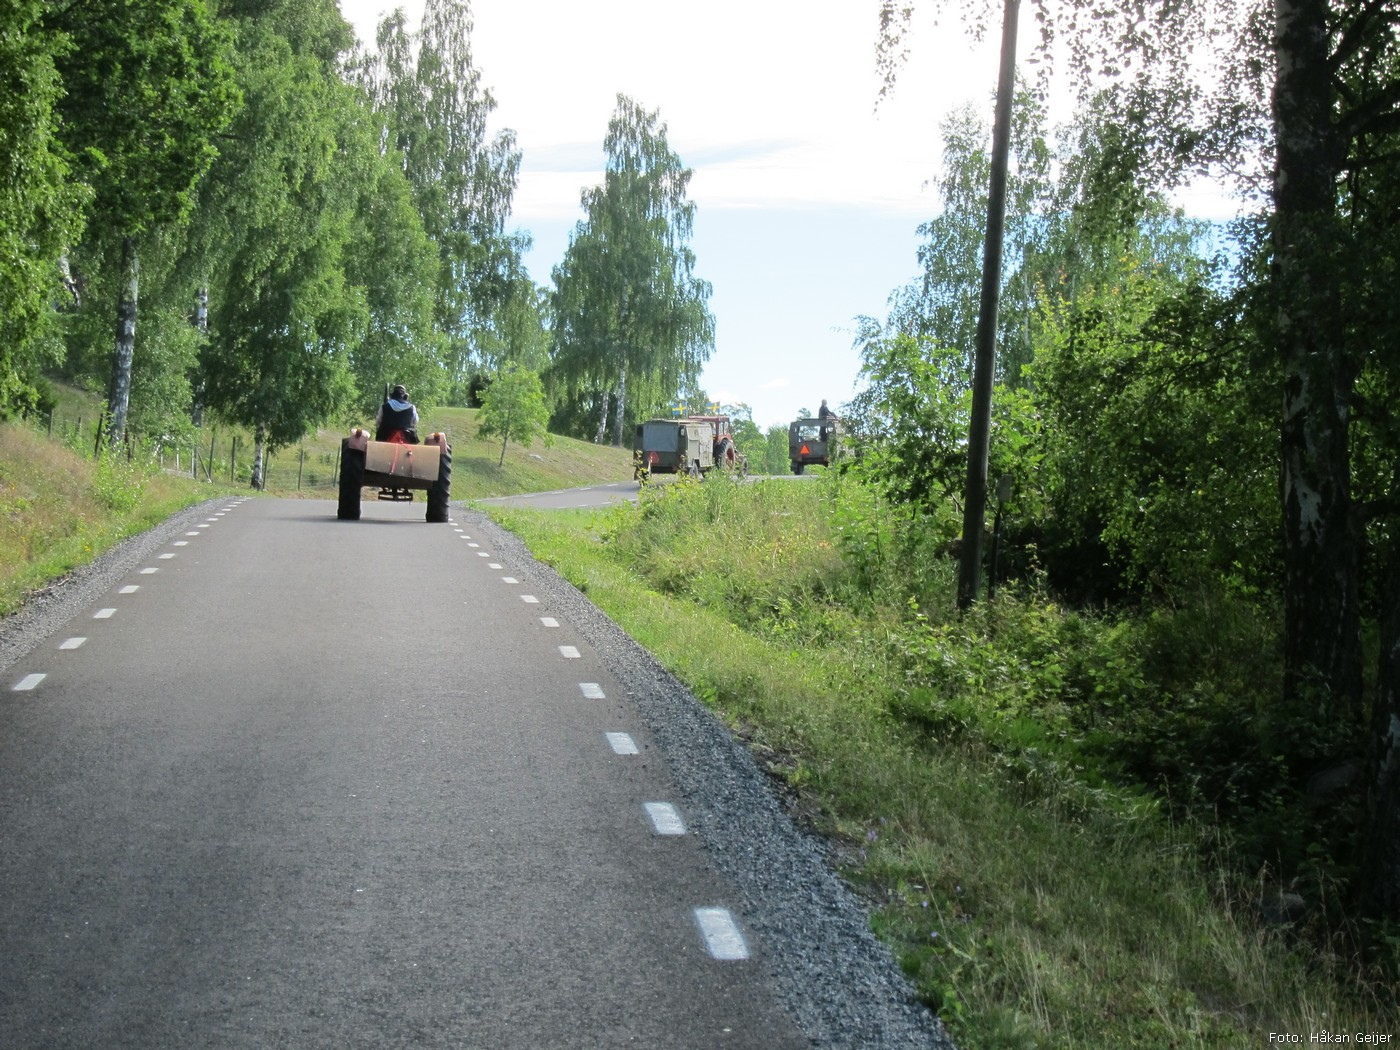 2013-07-20_003_Traktorresa